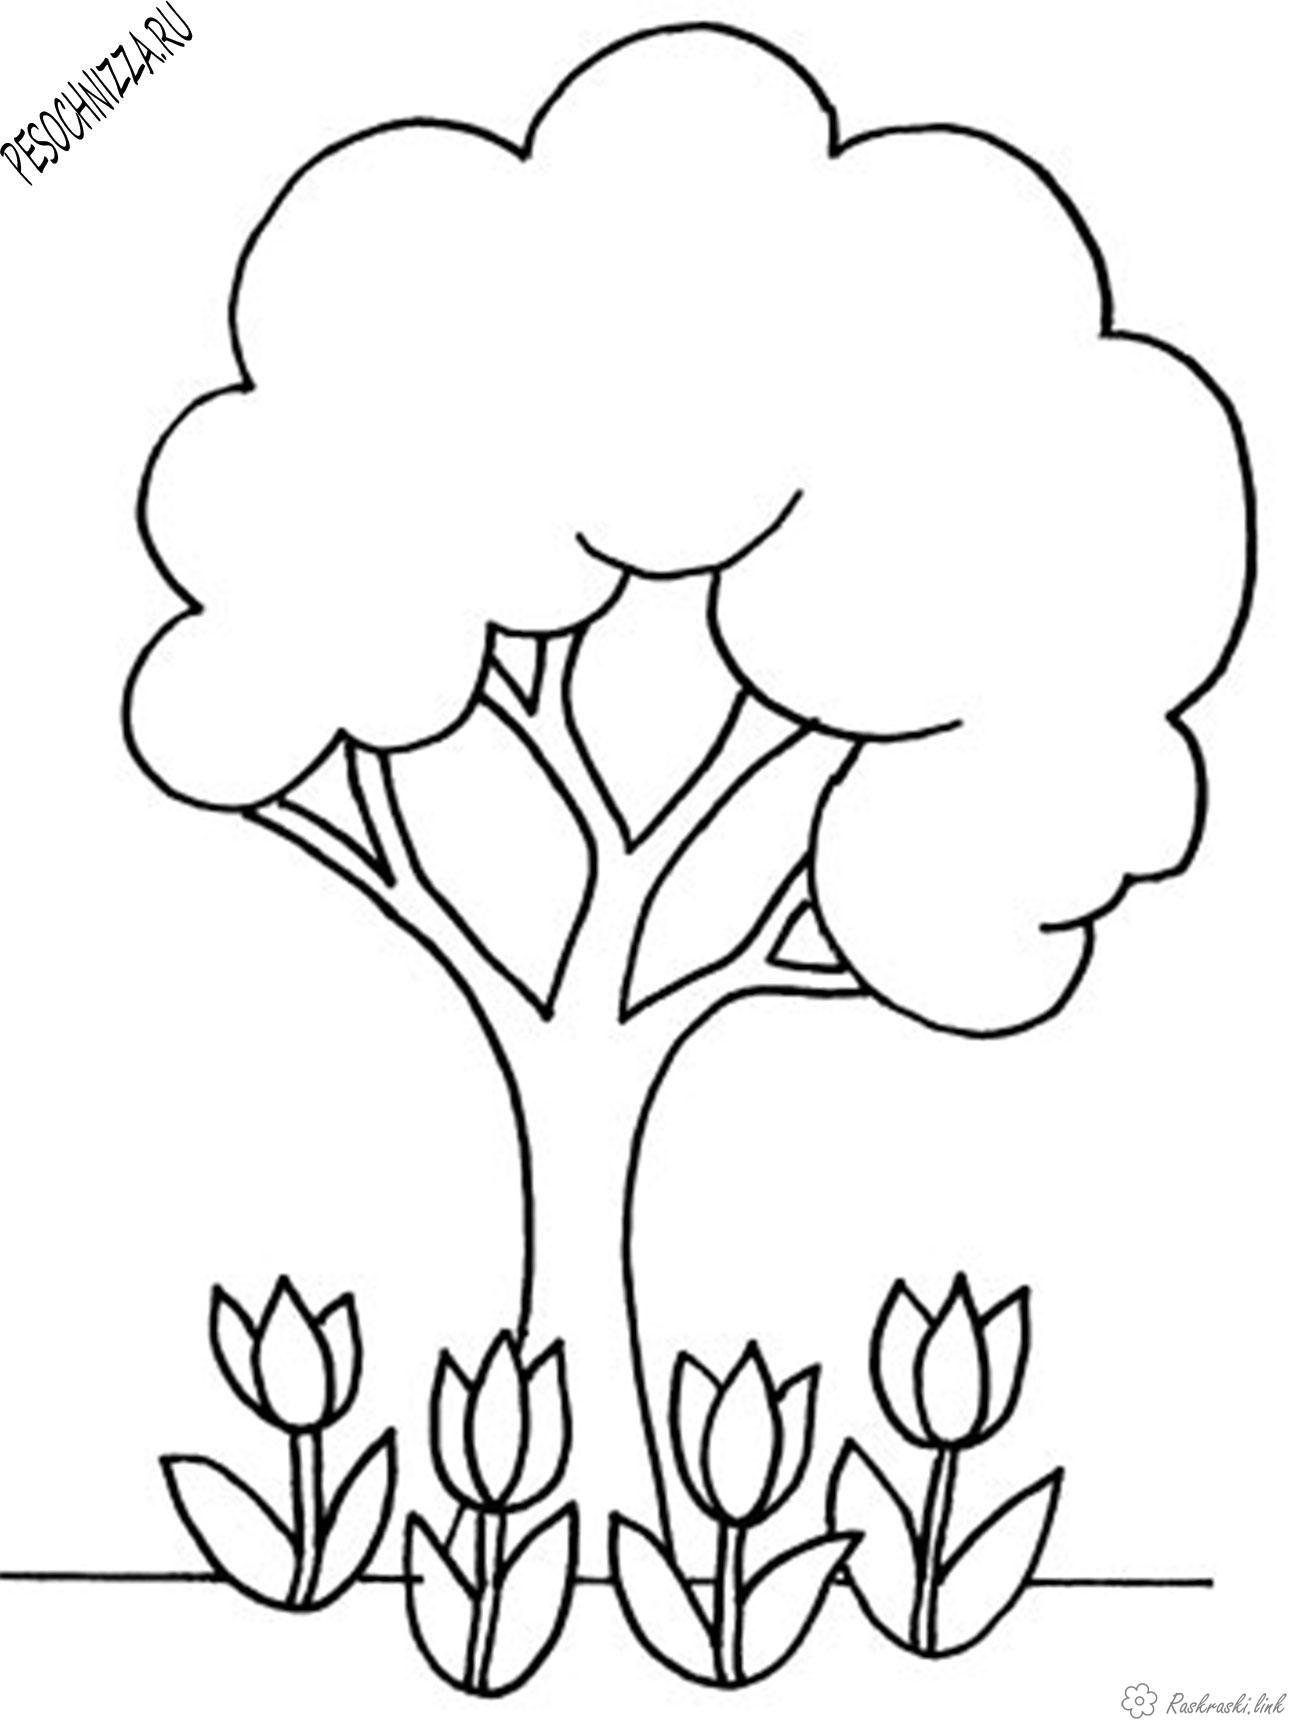 Детская раскраска деревья, цветы | Раскраски, Книжка ...